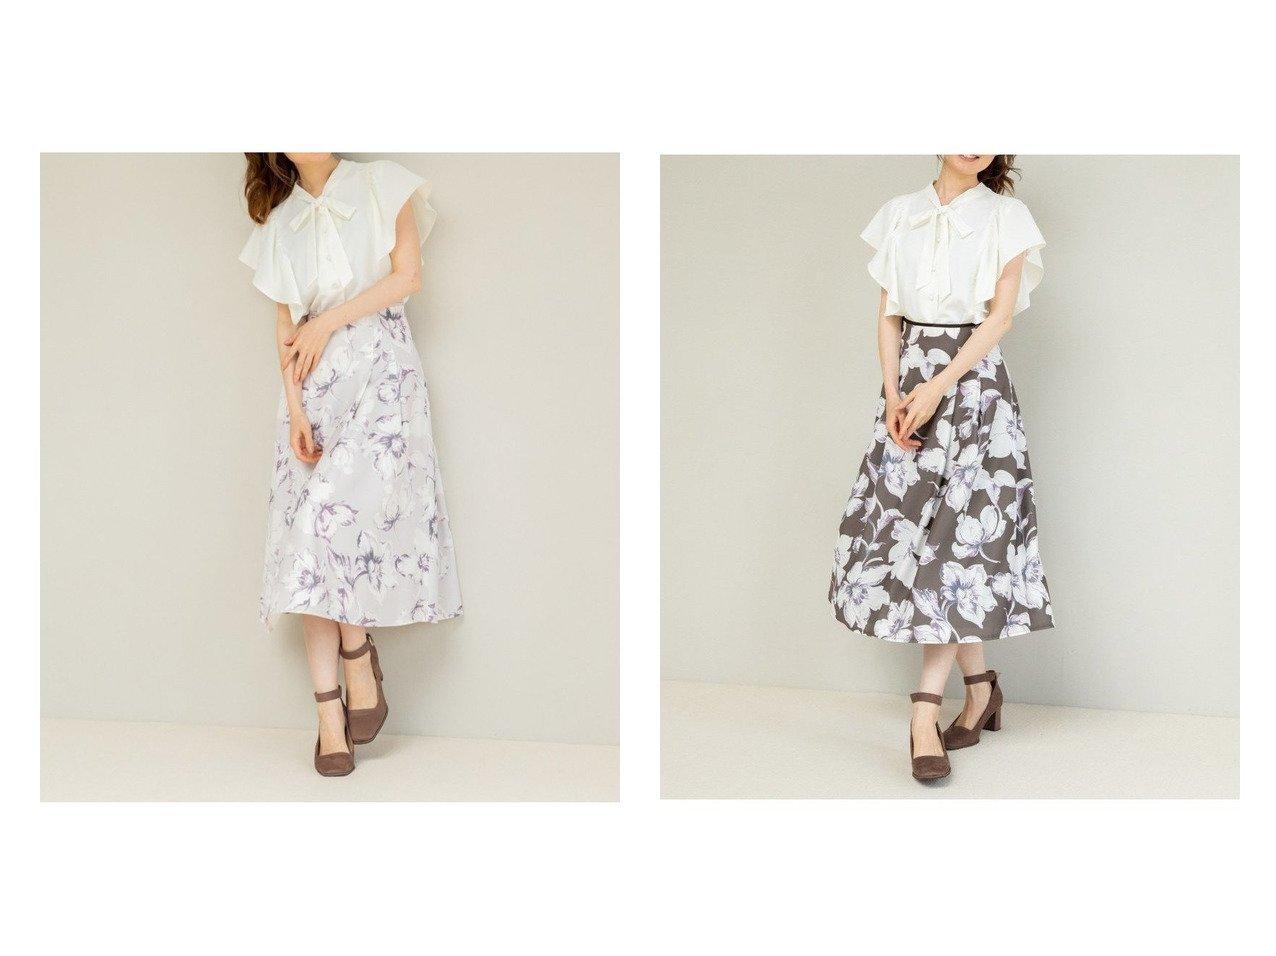 【MISCH MASCH/ミッシュマッシュ】のカラーラインフラワースカート 【スカート】おすすめ!人気、トレンド・レディースファッションの通販   おすすめで人気の流行・トレンド、ファッションの通販商品 インテリア・家具・メンズファッション・キッズファッション・レディースファッション・服の通販 founy(ファニー) https://founy.com/ ファッション Fashion レディースファッション WOMEN スカート Skirt Aライン/フレアスカート Flared A-Line Skirts サテン シンプル パイピング フェミニン フレア ミモレ  ID:crp329100000065925